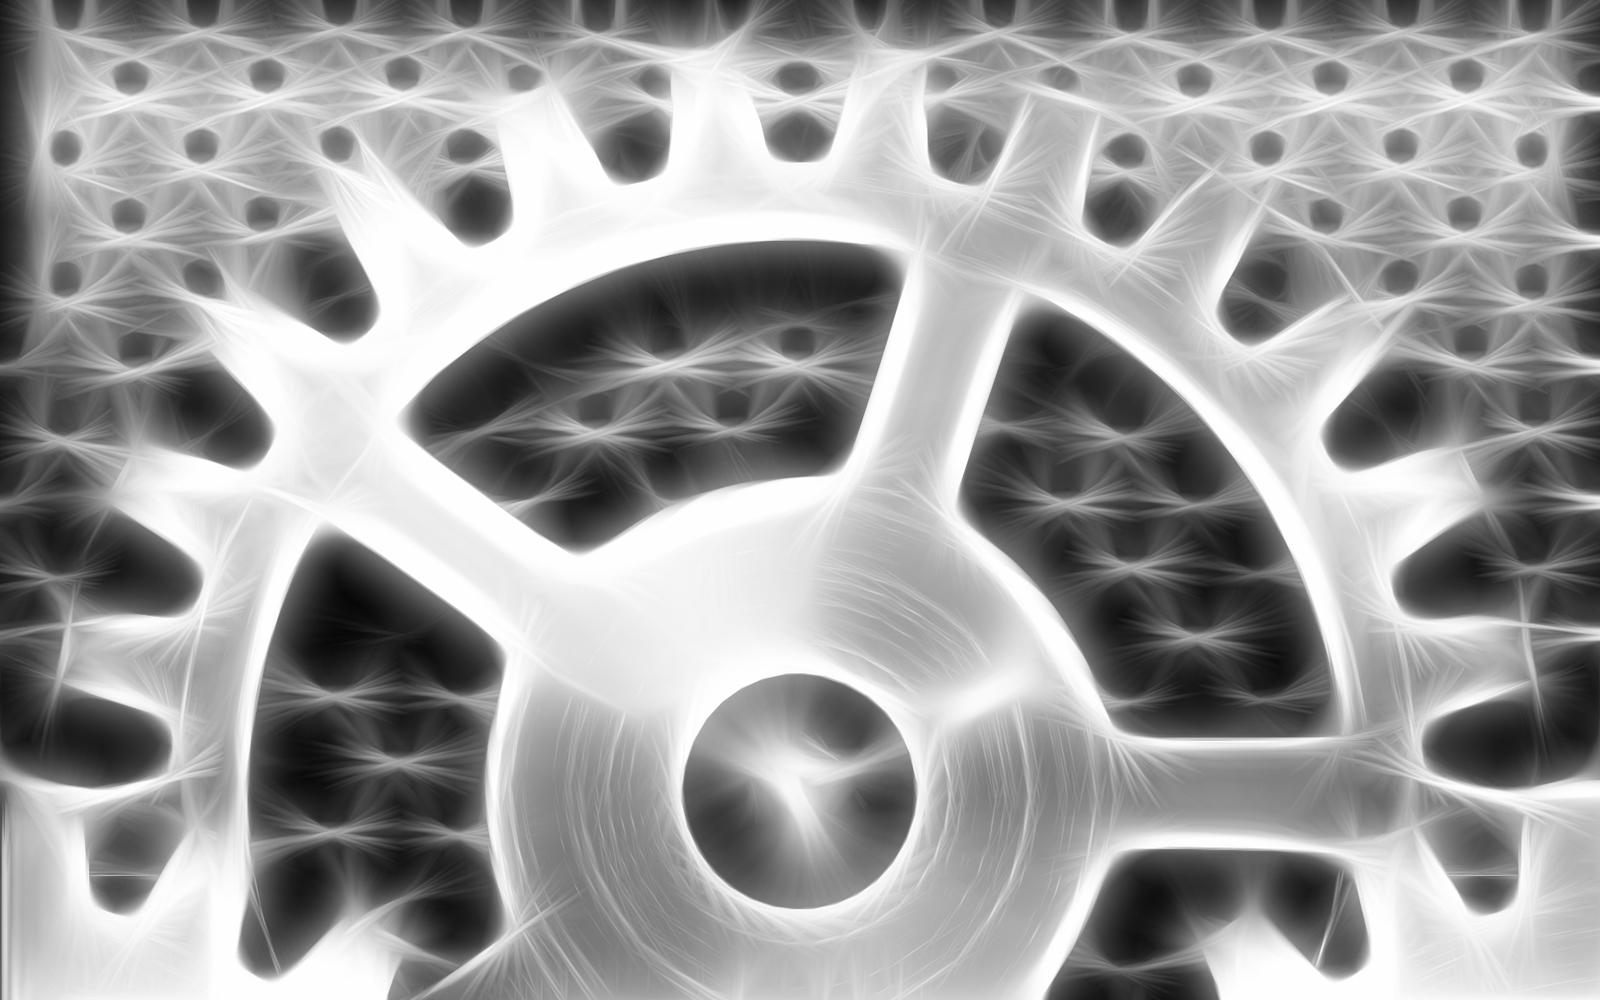 3d Pc Wallpaper 3d Graphic Wallpaper Gear Wheel Mechanism Steel Wallpapers In Hd Hd Wallpapers